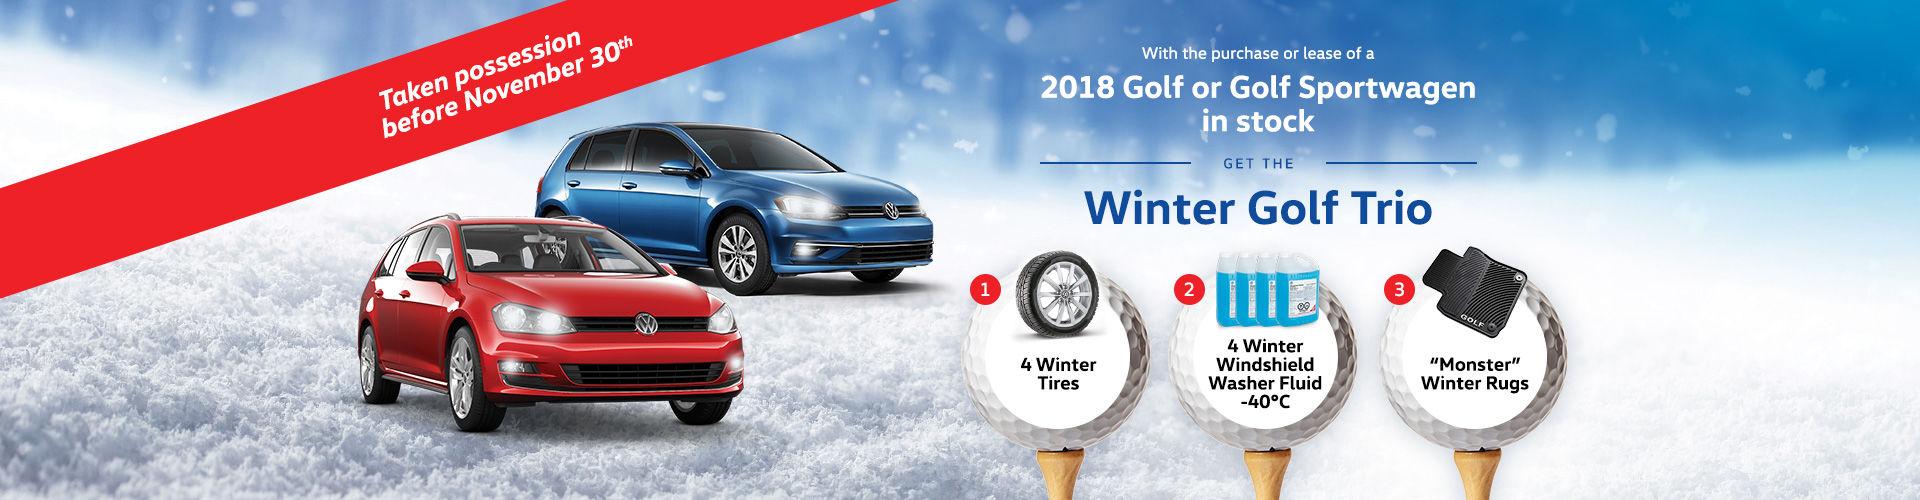 Winter Golf Trio